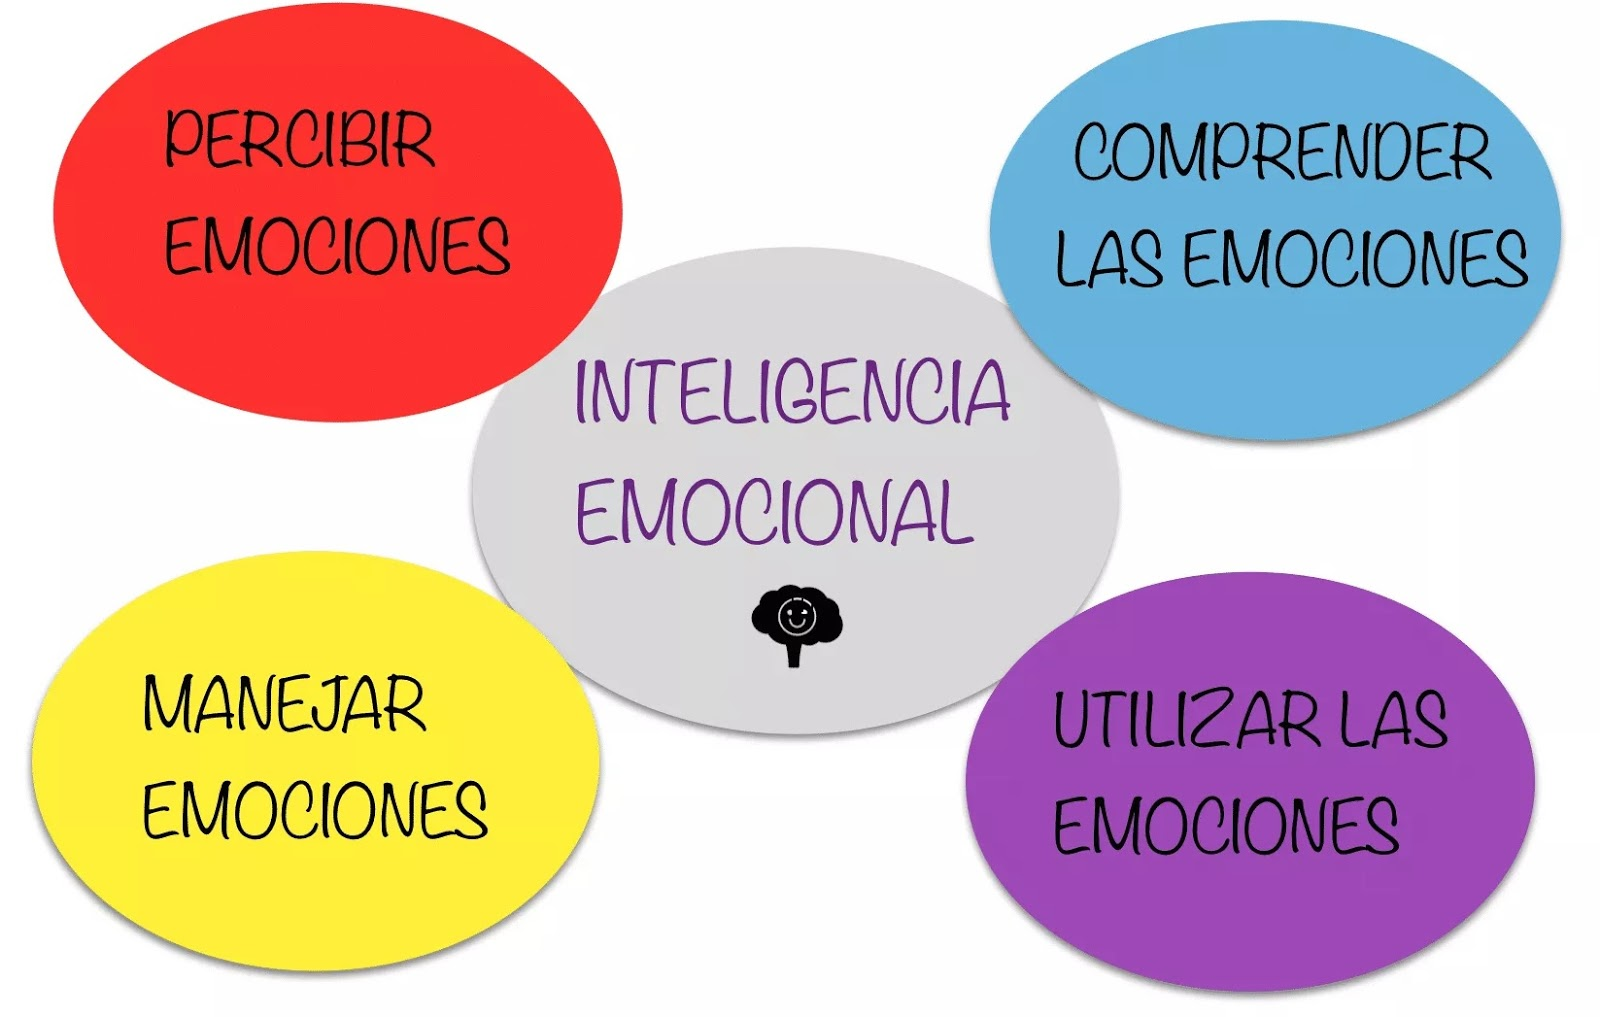 Que Es La Gestión De Emociones? | Soy emprendedor